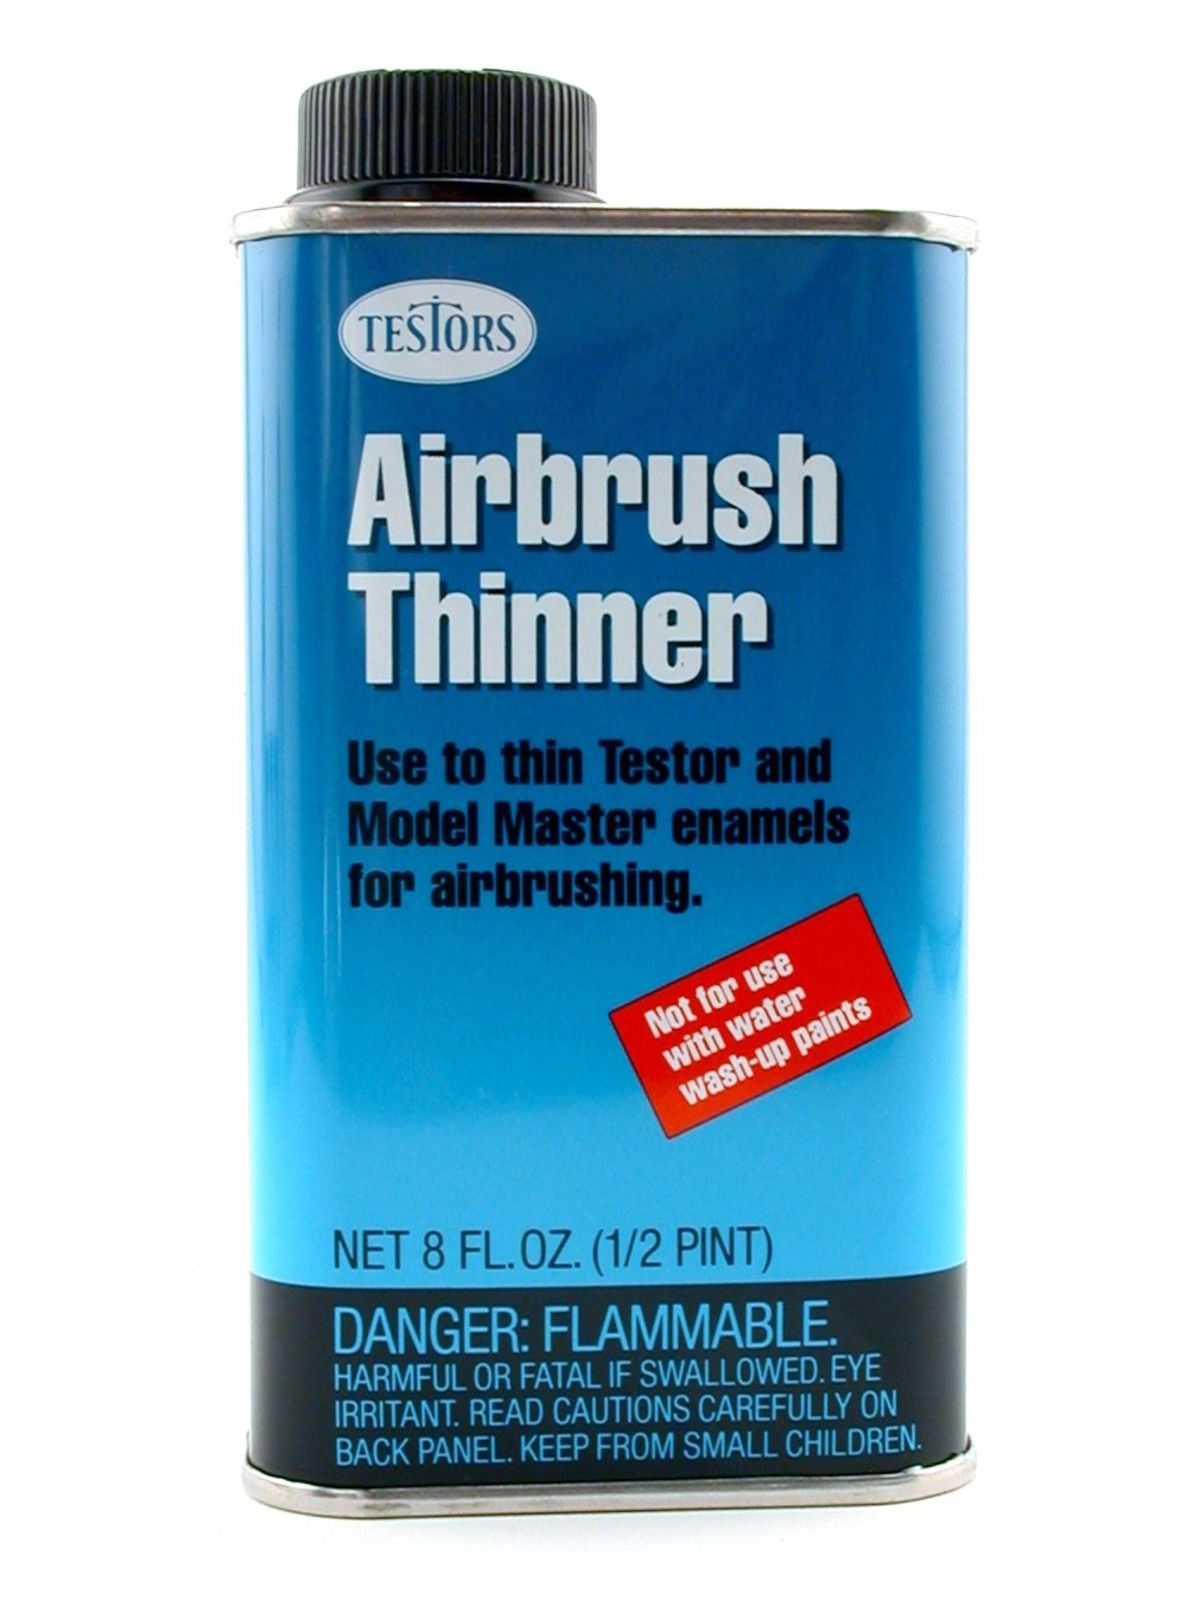 TESTORS Airbrush Thinner